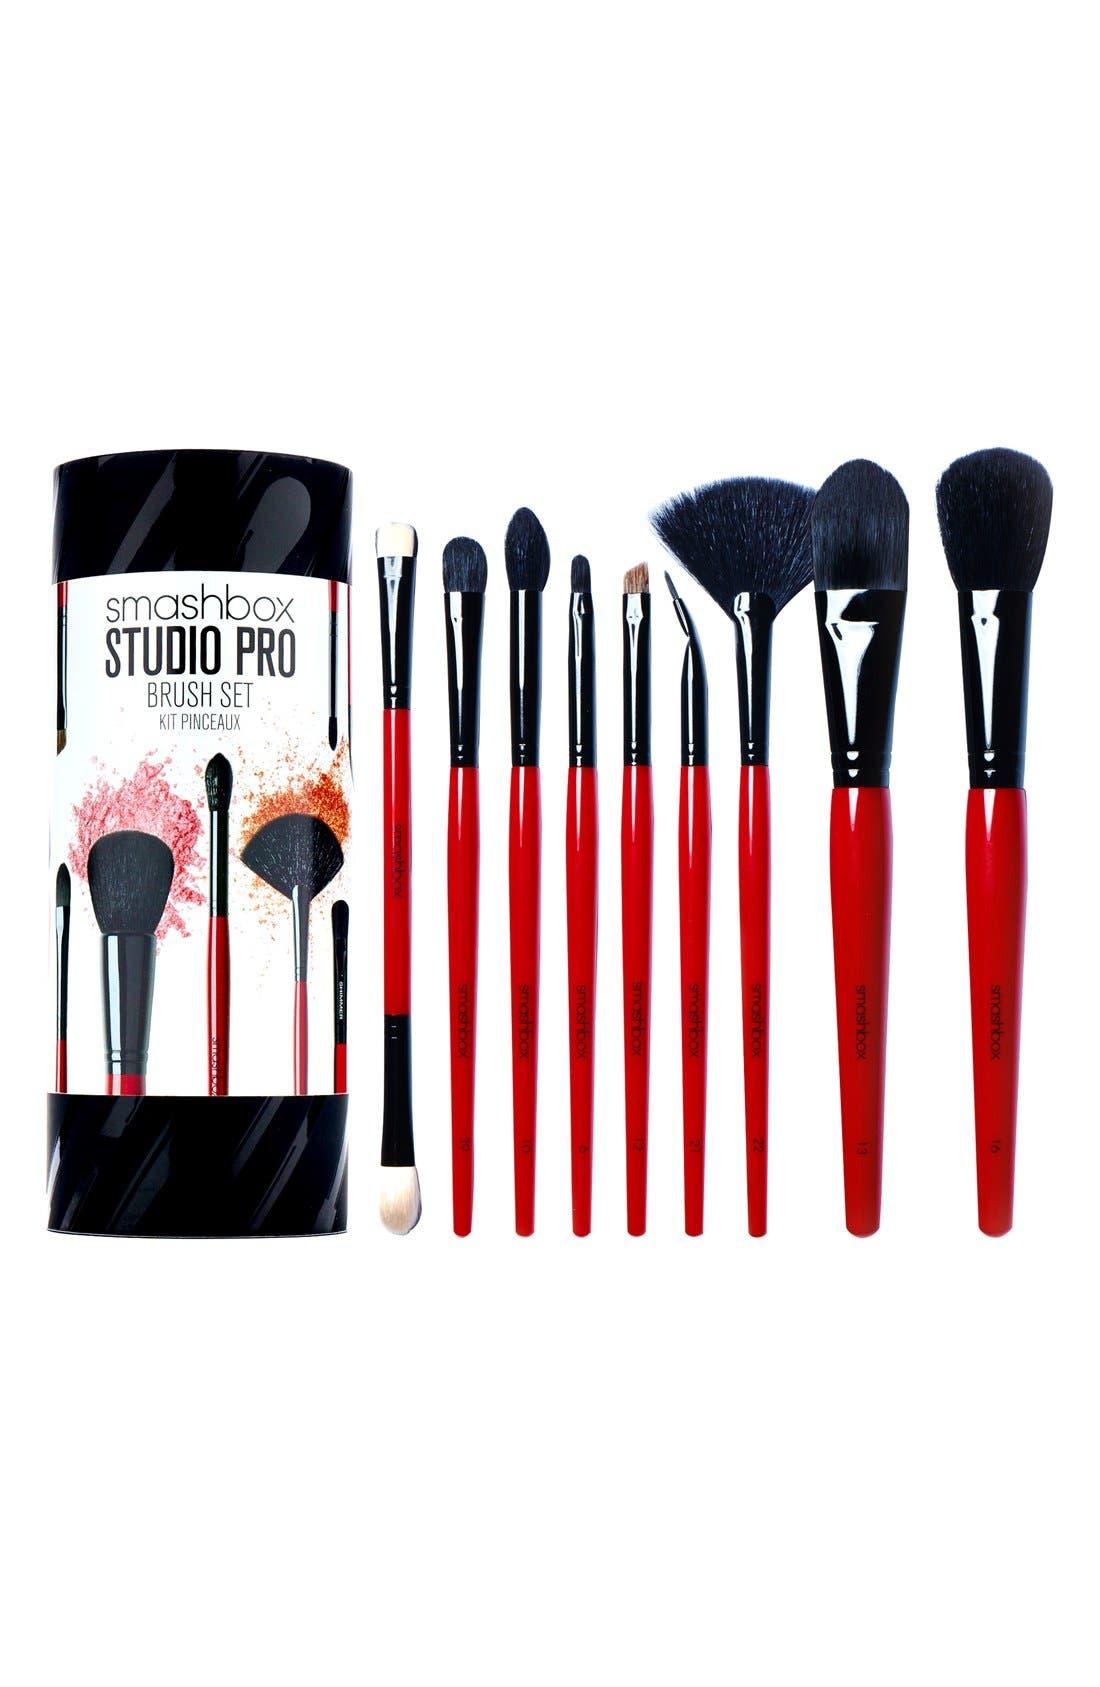 Smashbox Studio Pro Brush Set Value Nordstrom Jpg 1660x2546 Birthday Gift